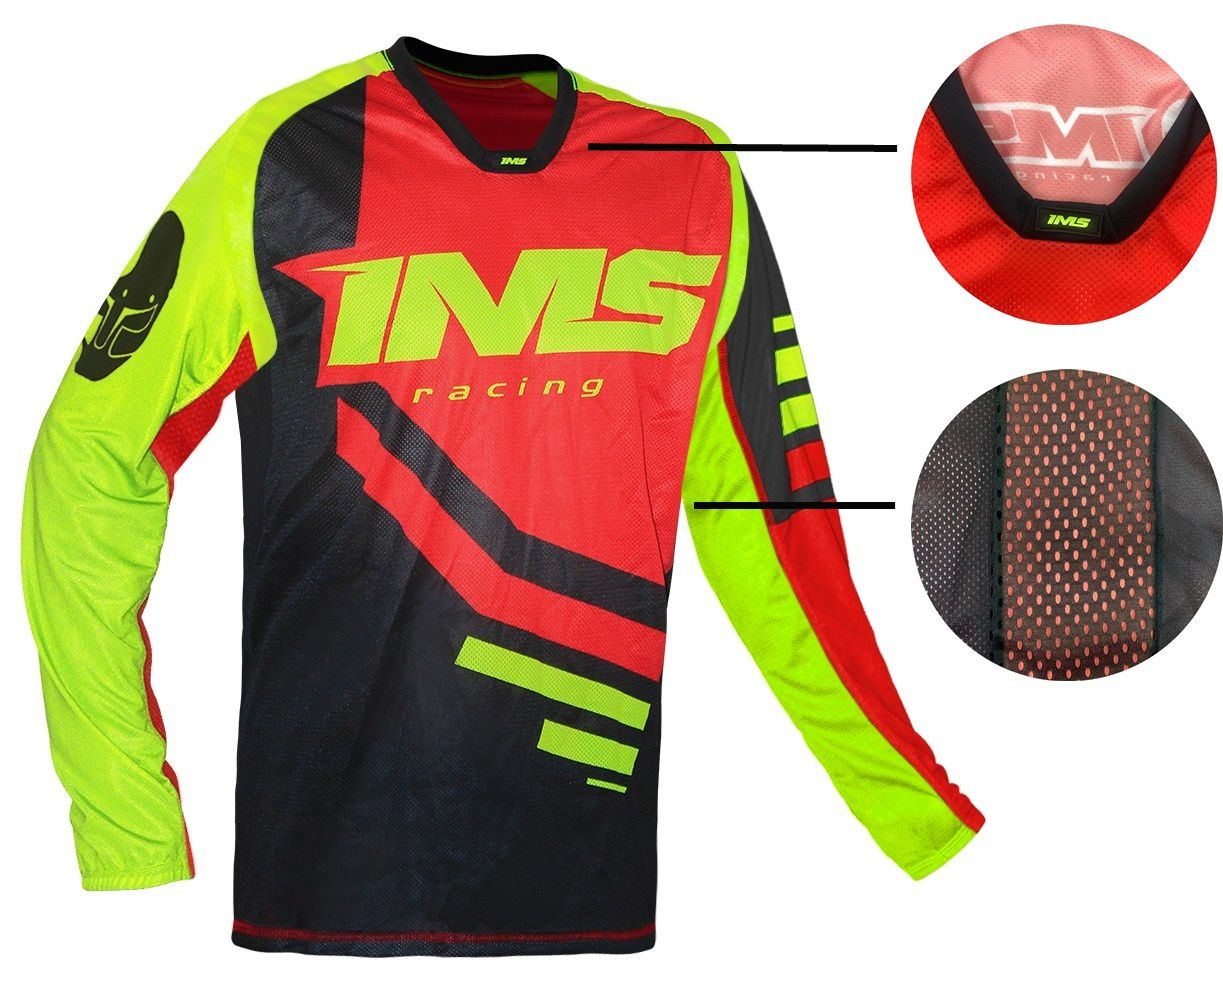 Camisa Ims Sprint Vermelha / Preta / Amarelo Fluor P/ Motocross Trilha Biker